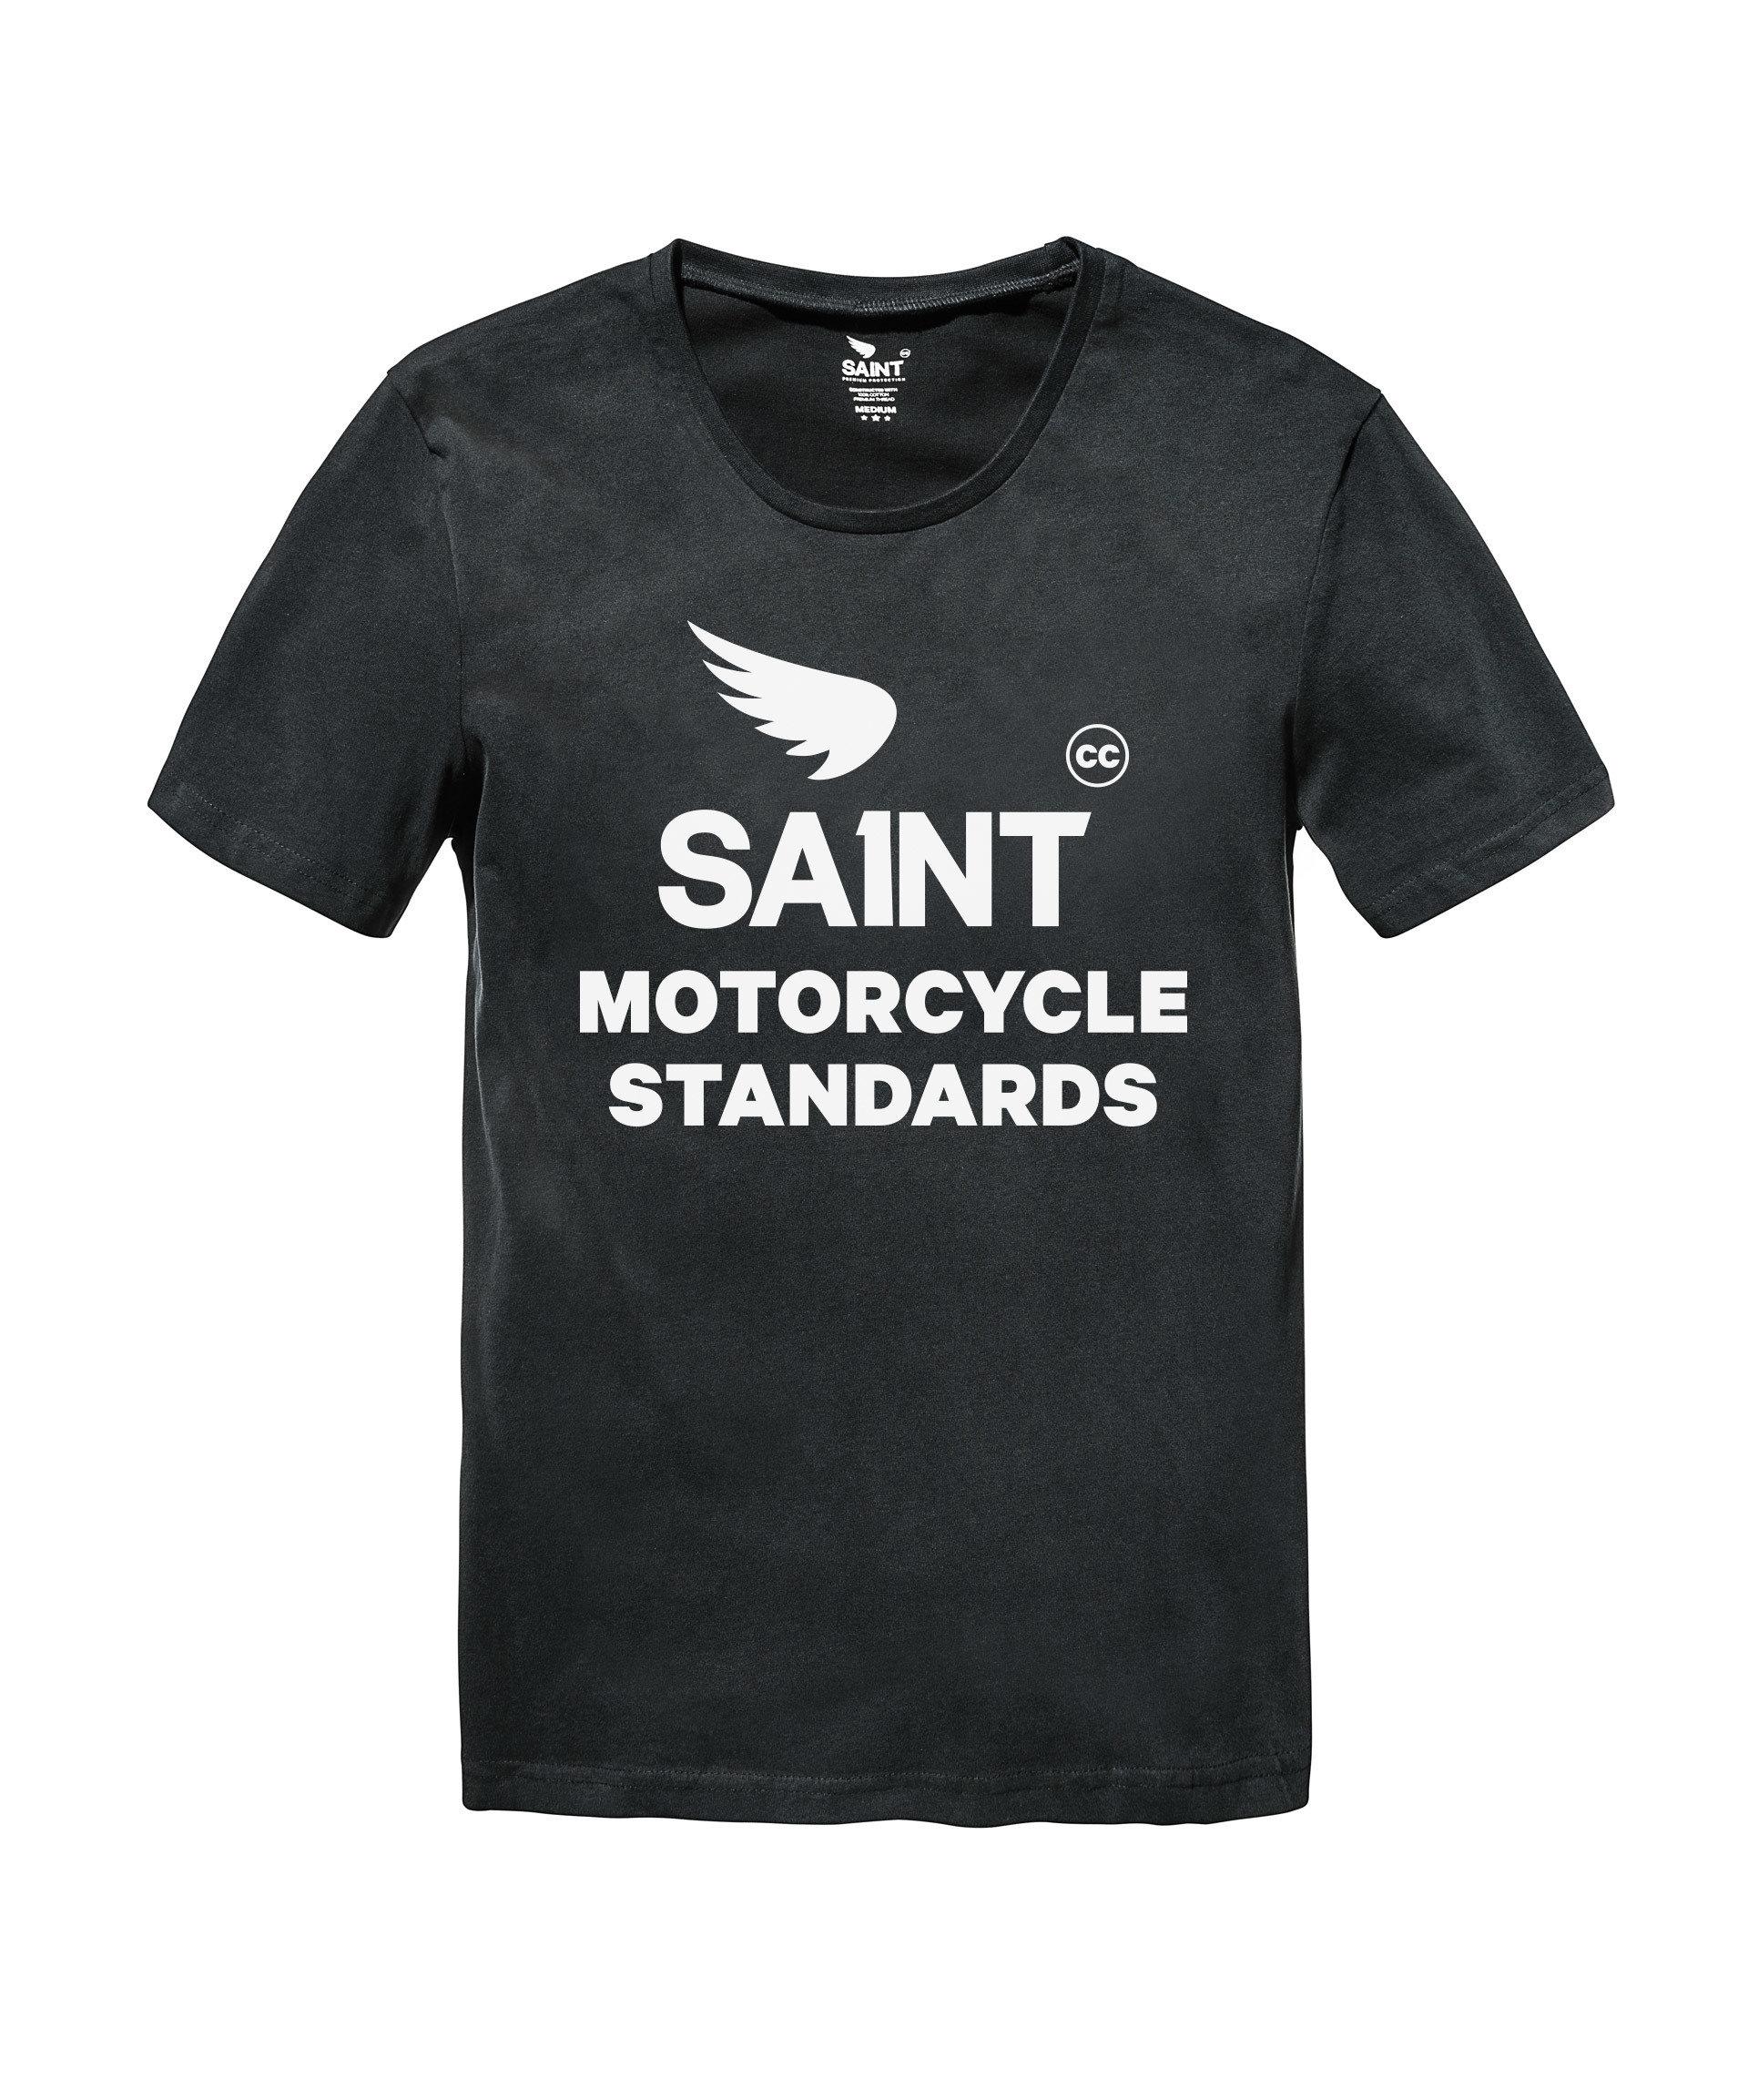 Saint Motorcycle Standards Tee - Black 7